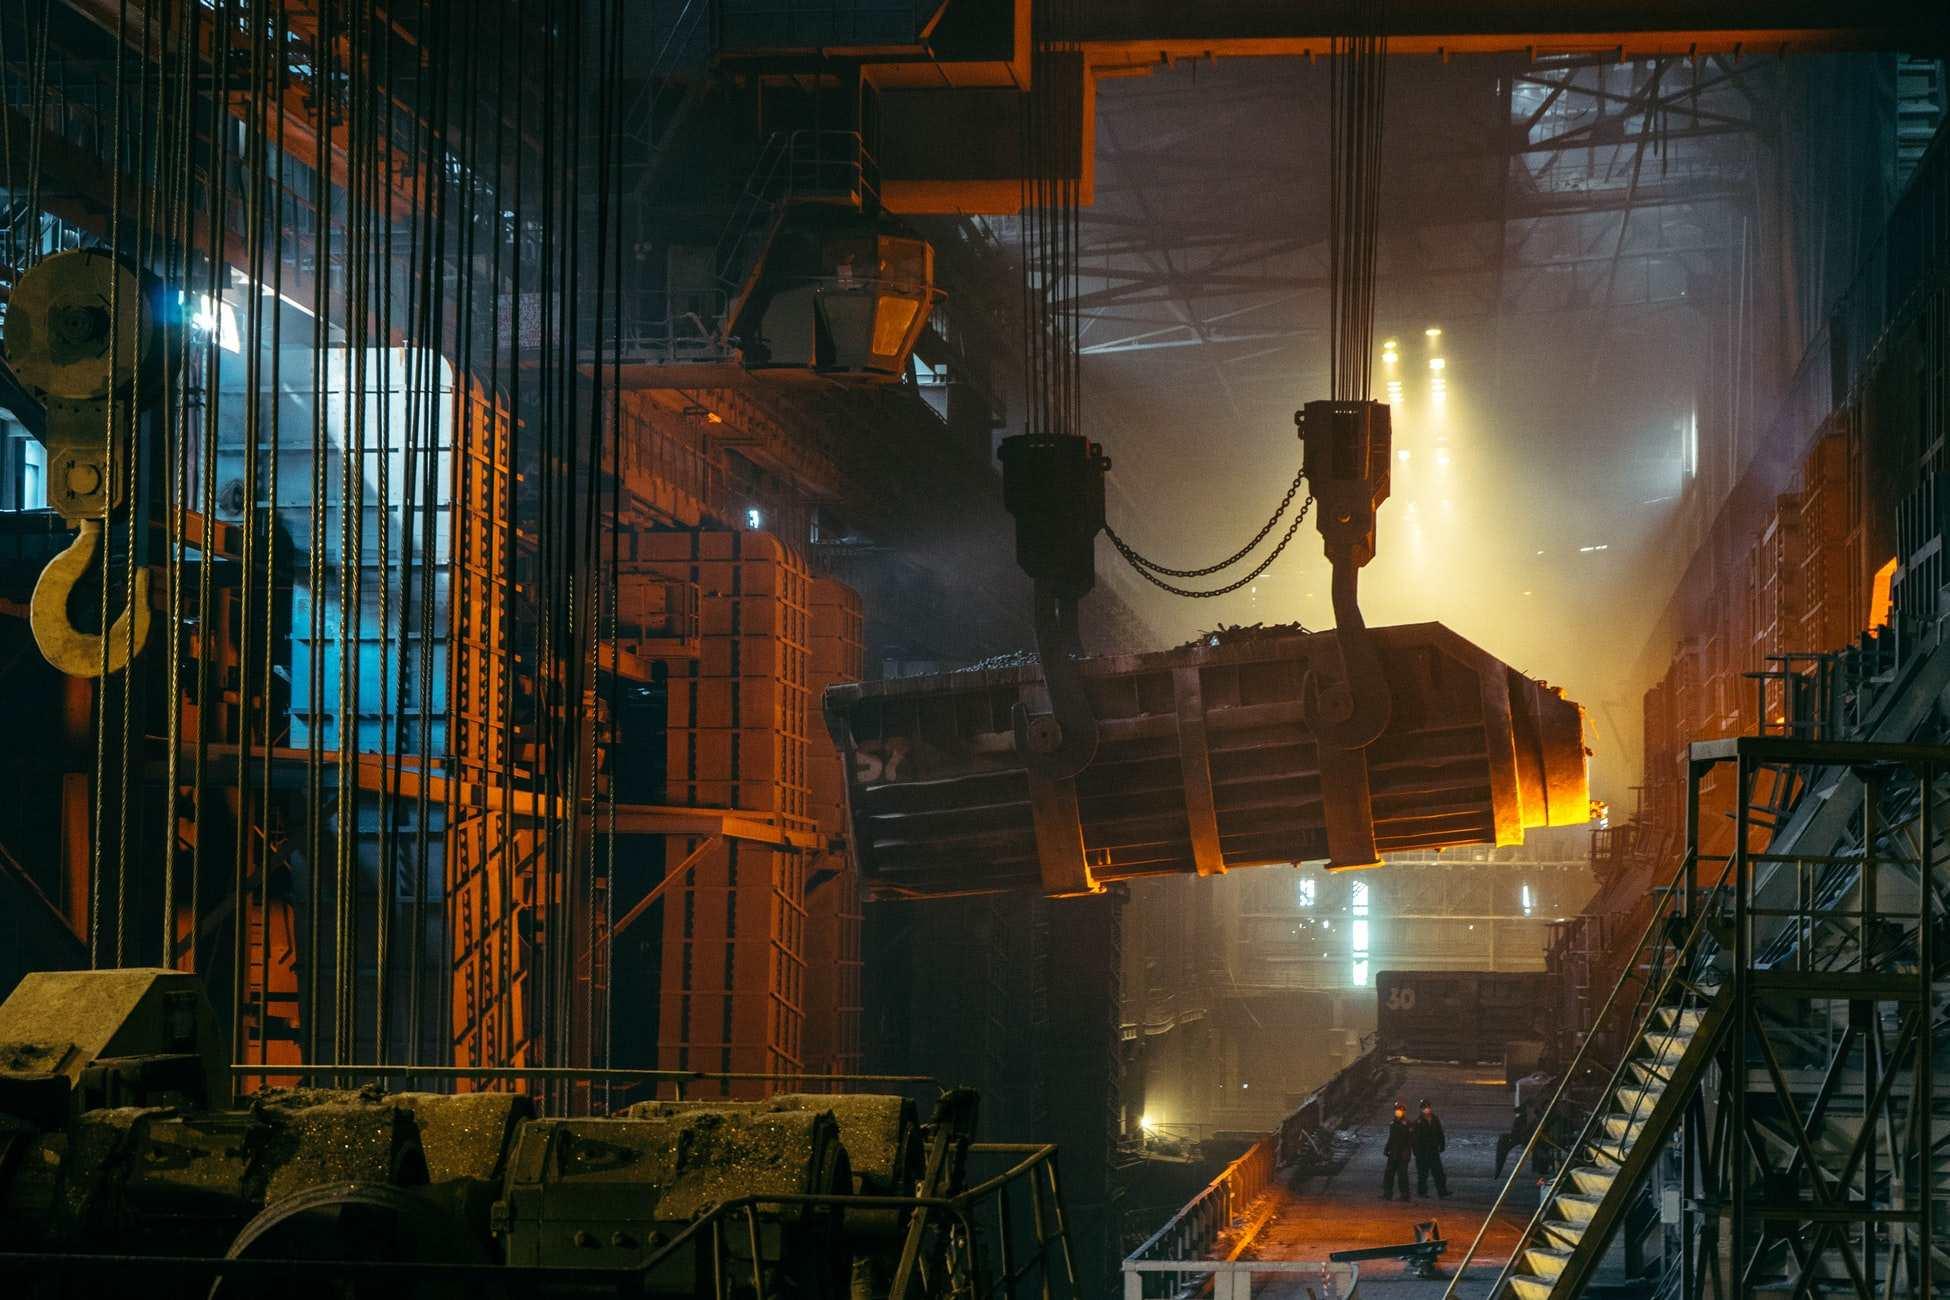 钢价大跌,9日27家钢厂调价?钢价终于跌了,涨价时代终结了吗?